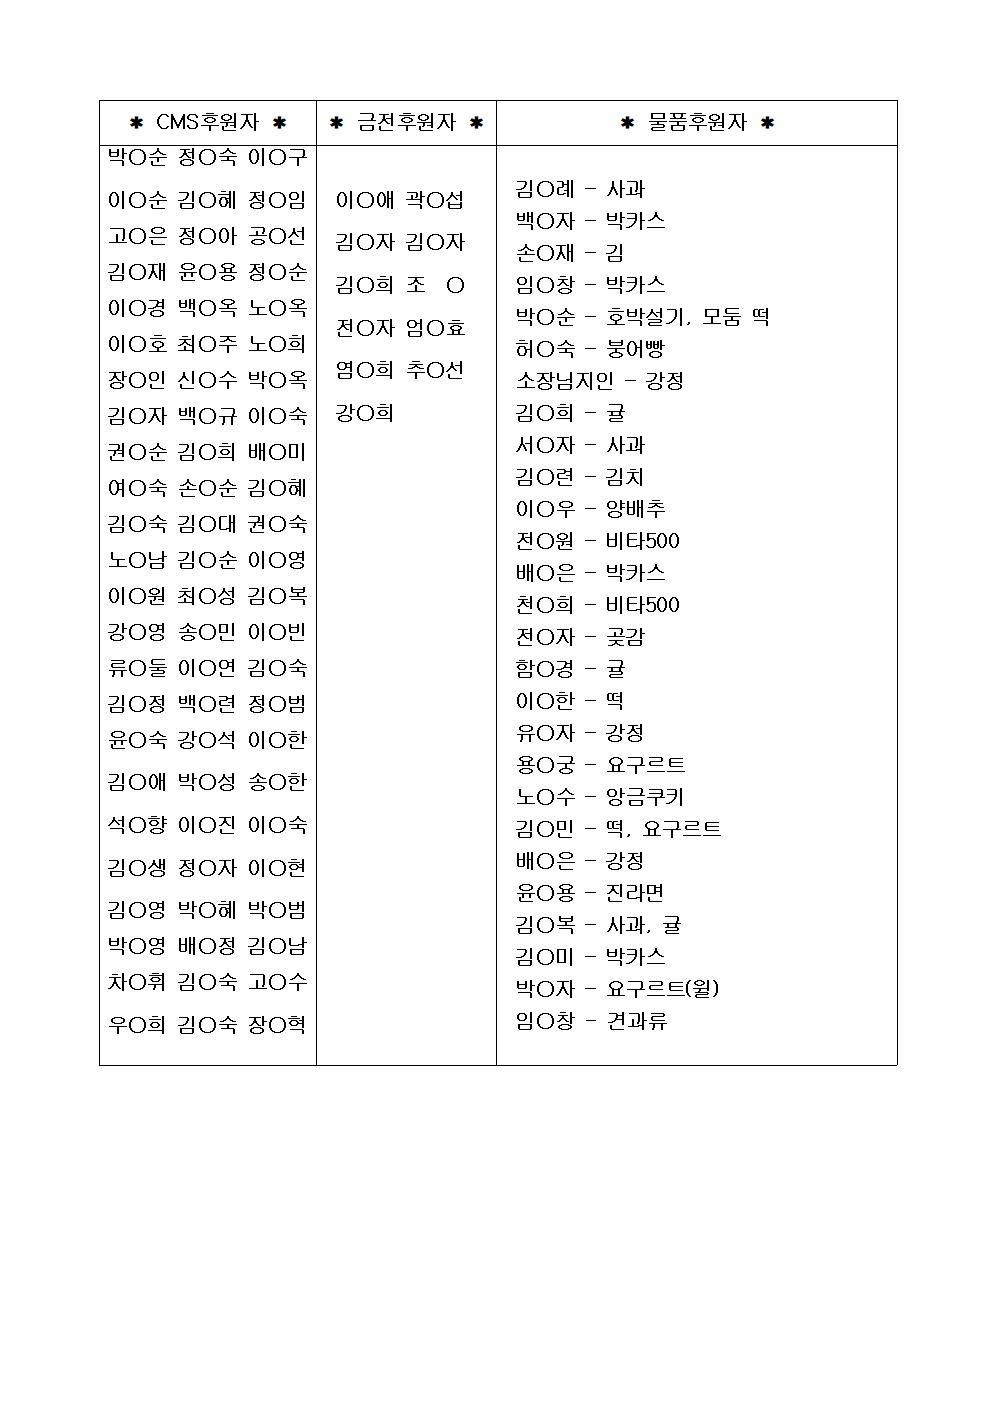 1월 금전CMS물품 후원 명단 홈피용001.jpg